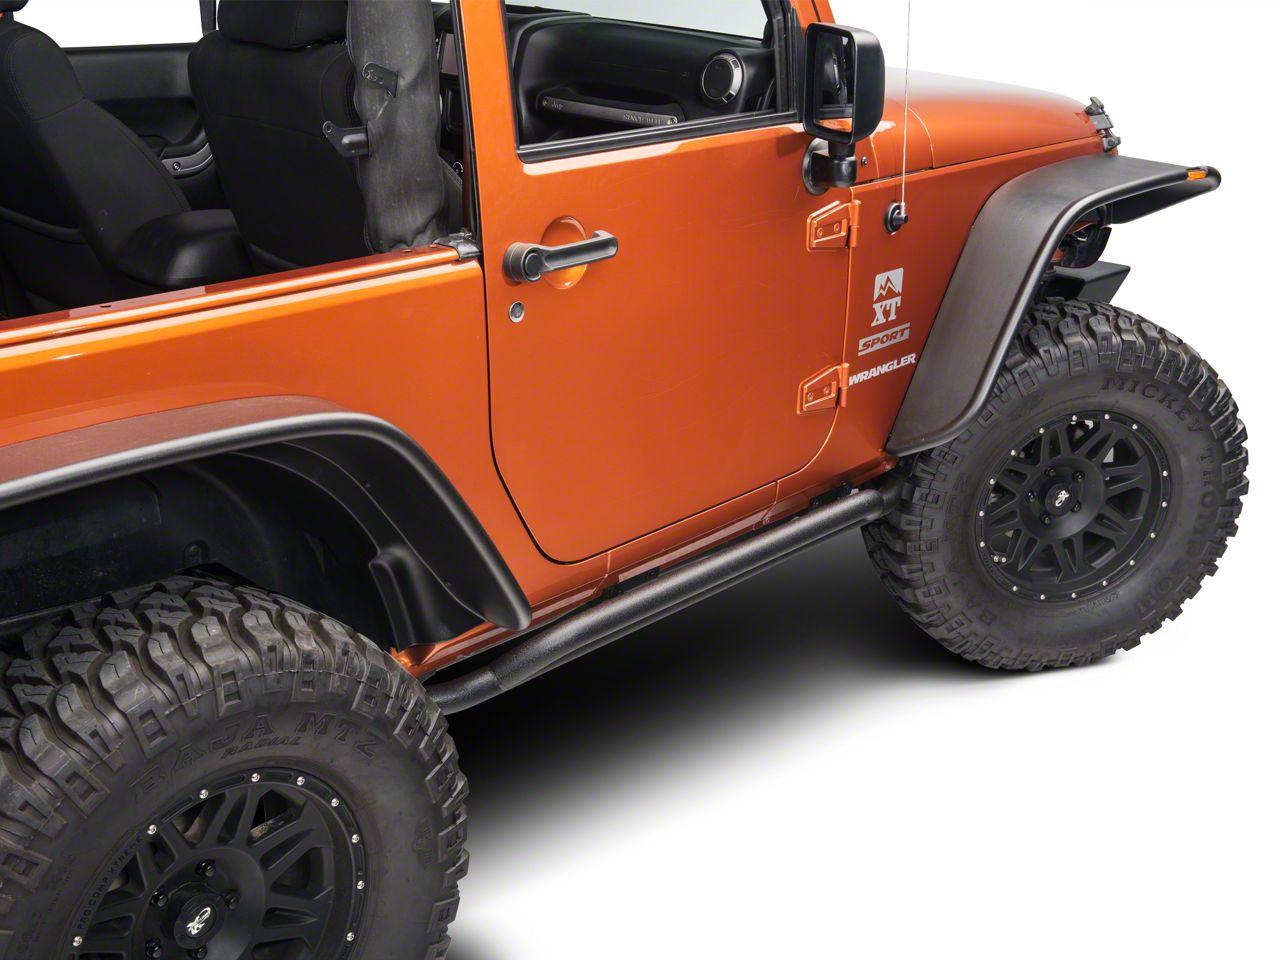 RedRock 4x4 Rocker Guard - Textured Black (07-18 Jeep Wrangler JK 2 Door)